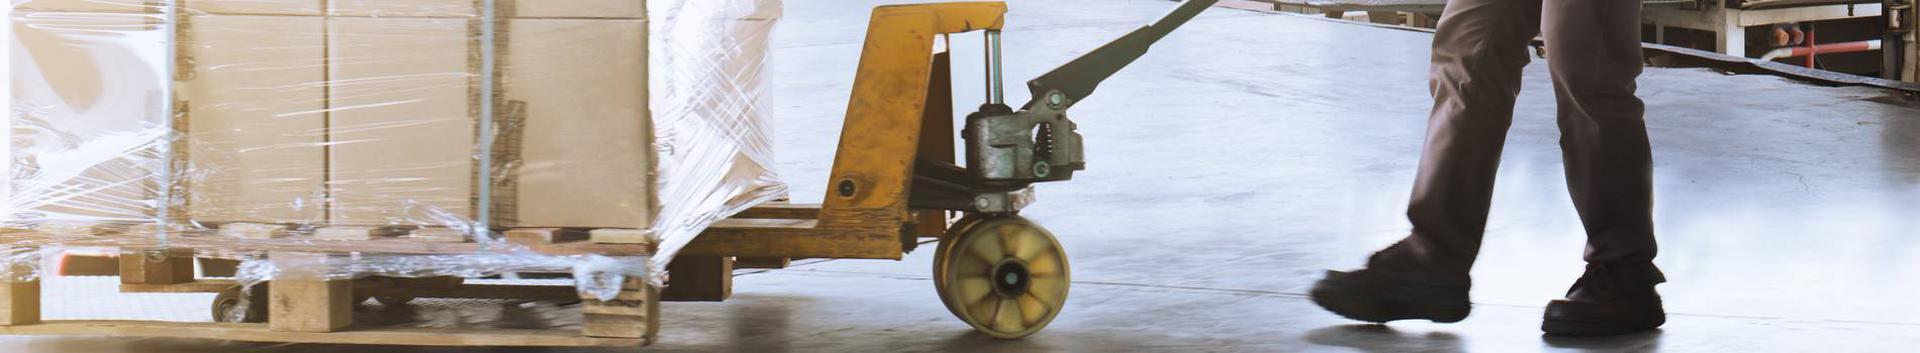 33201_toostuslike-masinate-paigaldus_28542795_xl.jpg